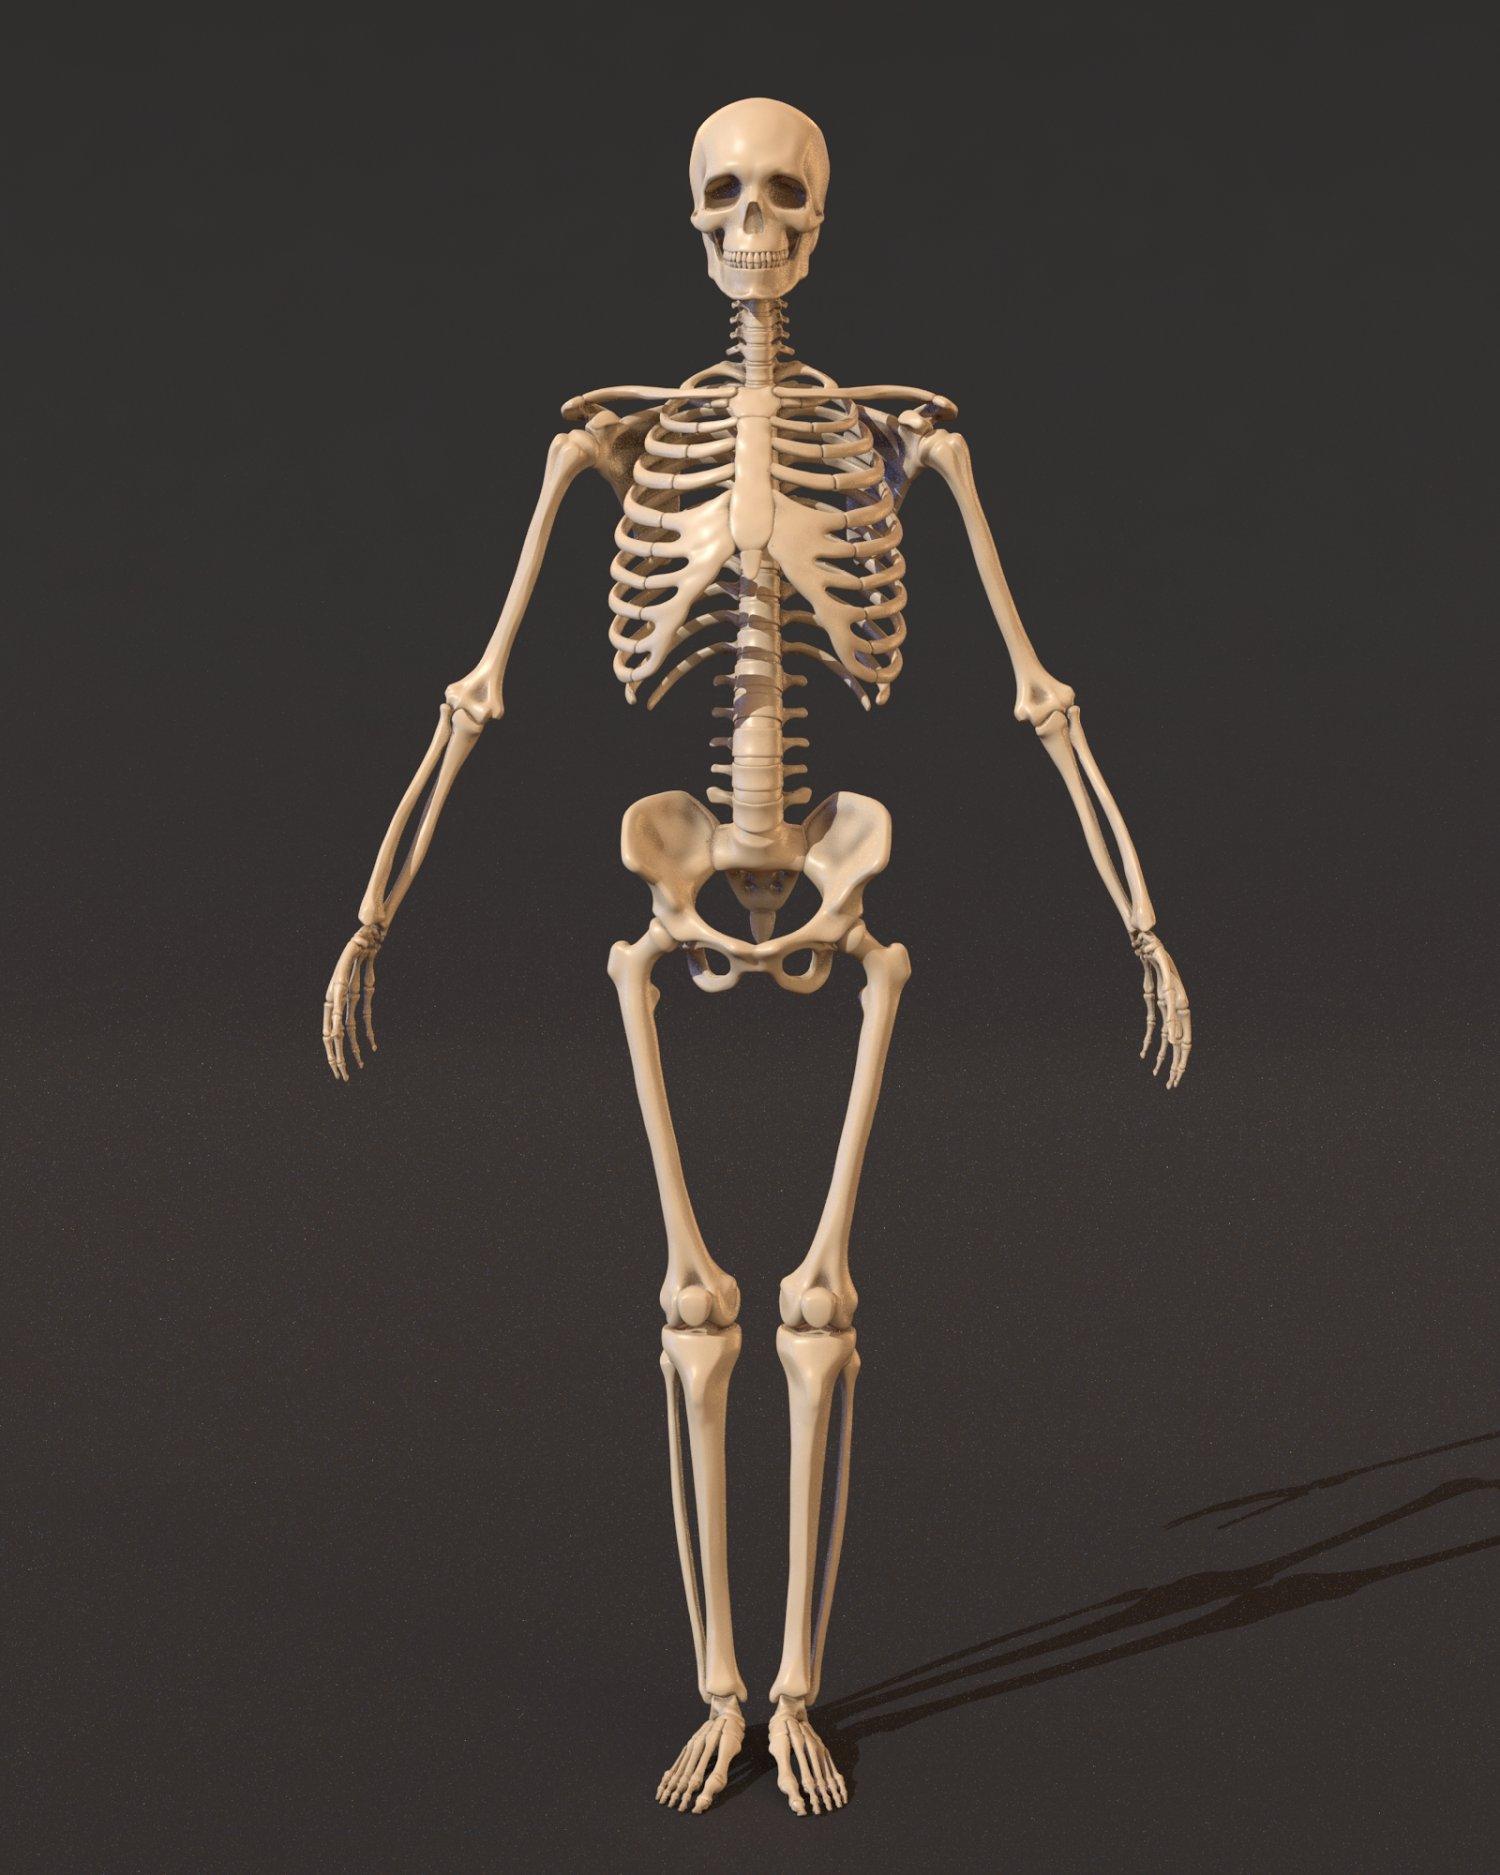 Human Skeleton 3d Model In Anatomy 3dexport